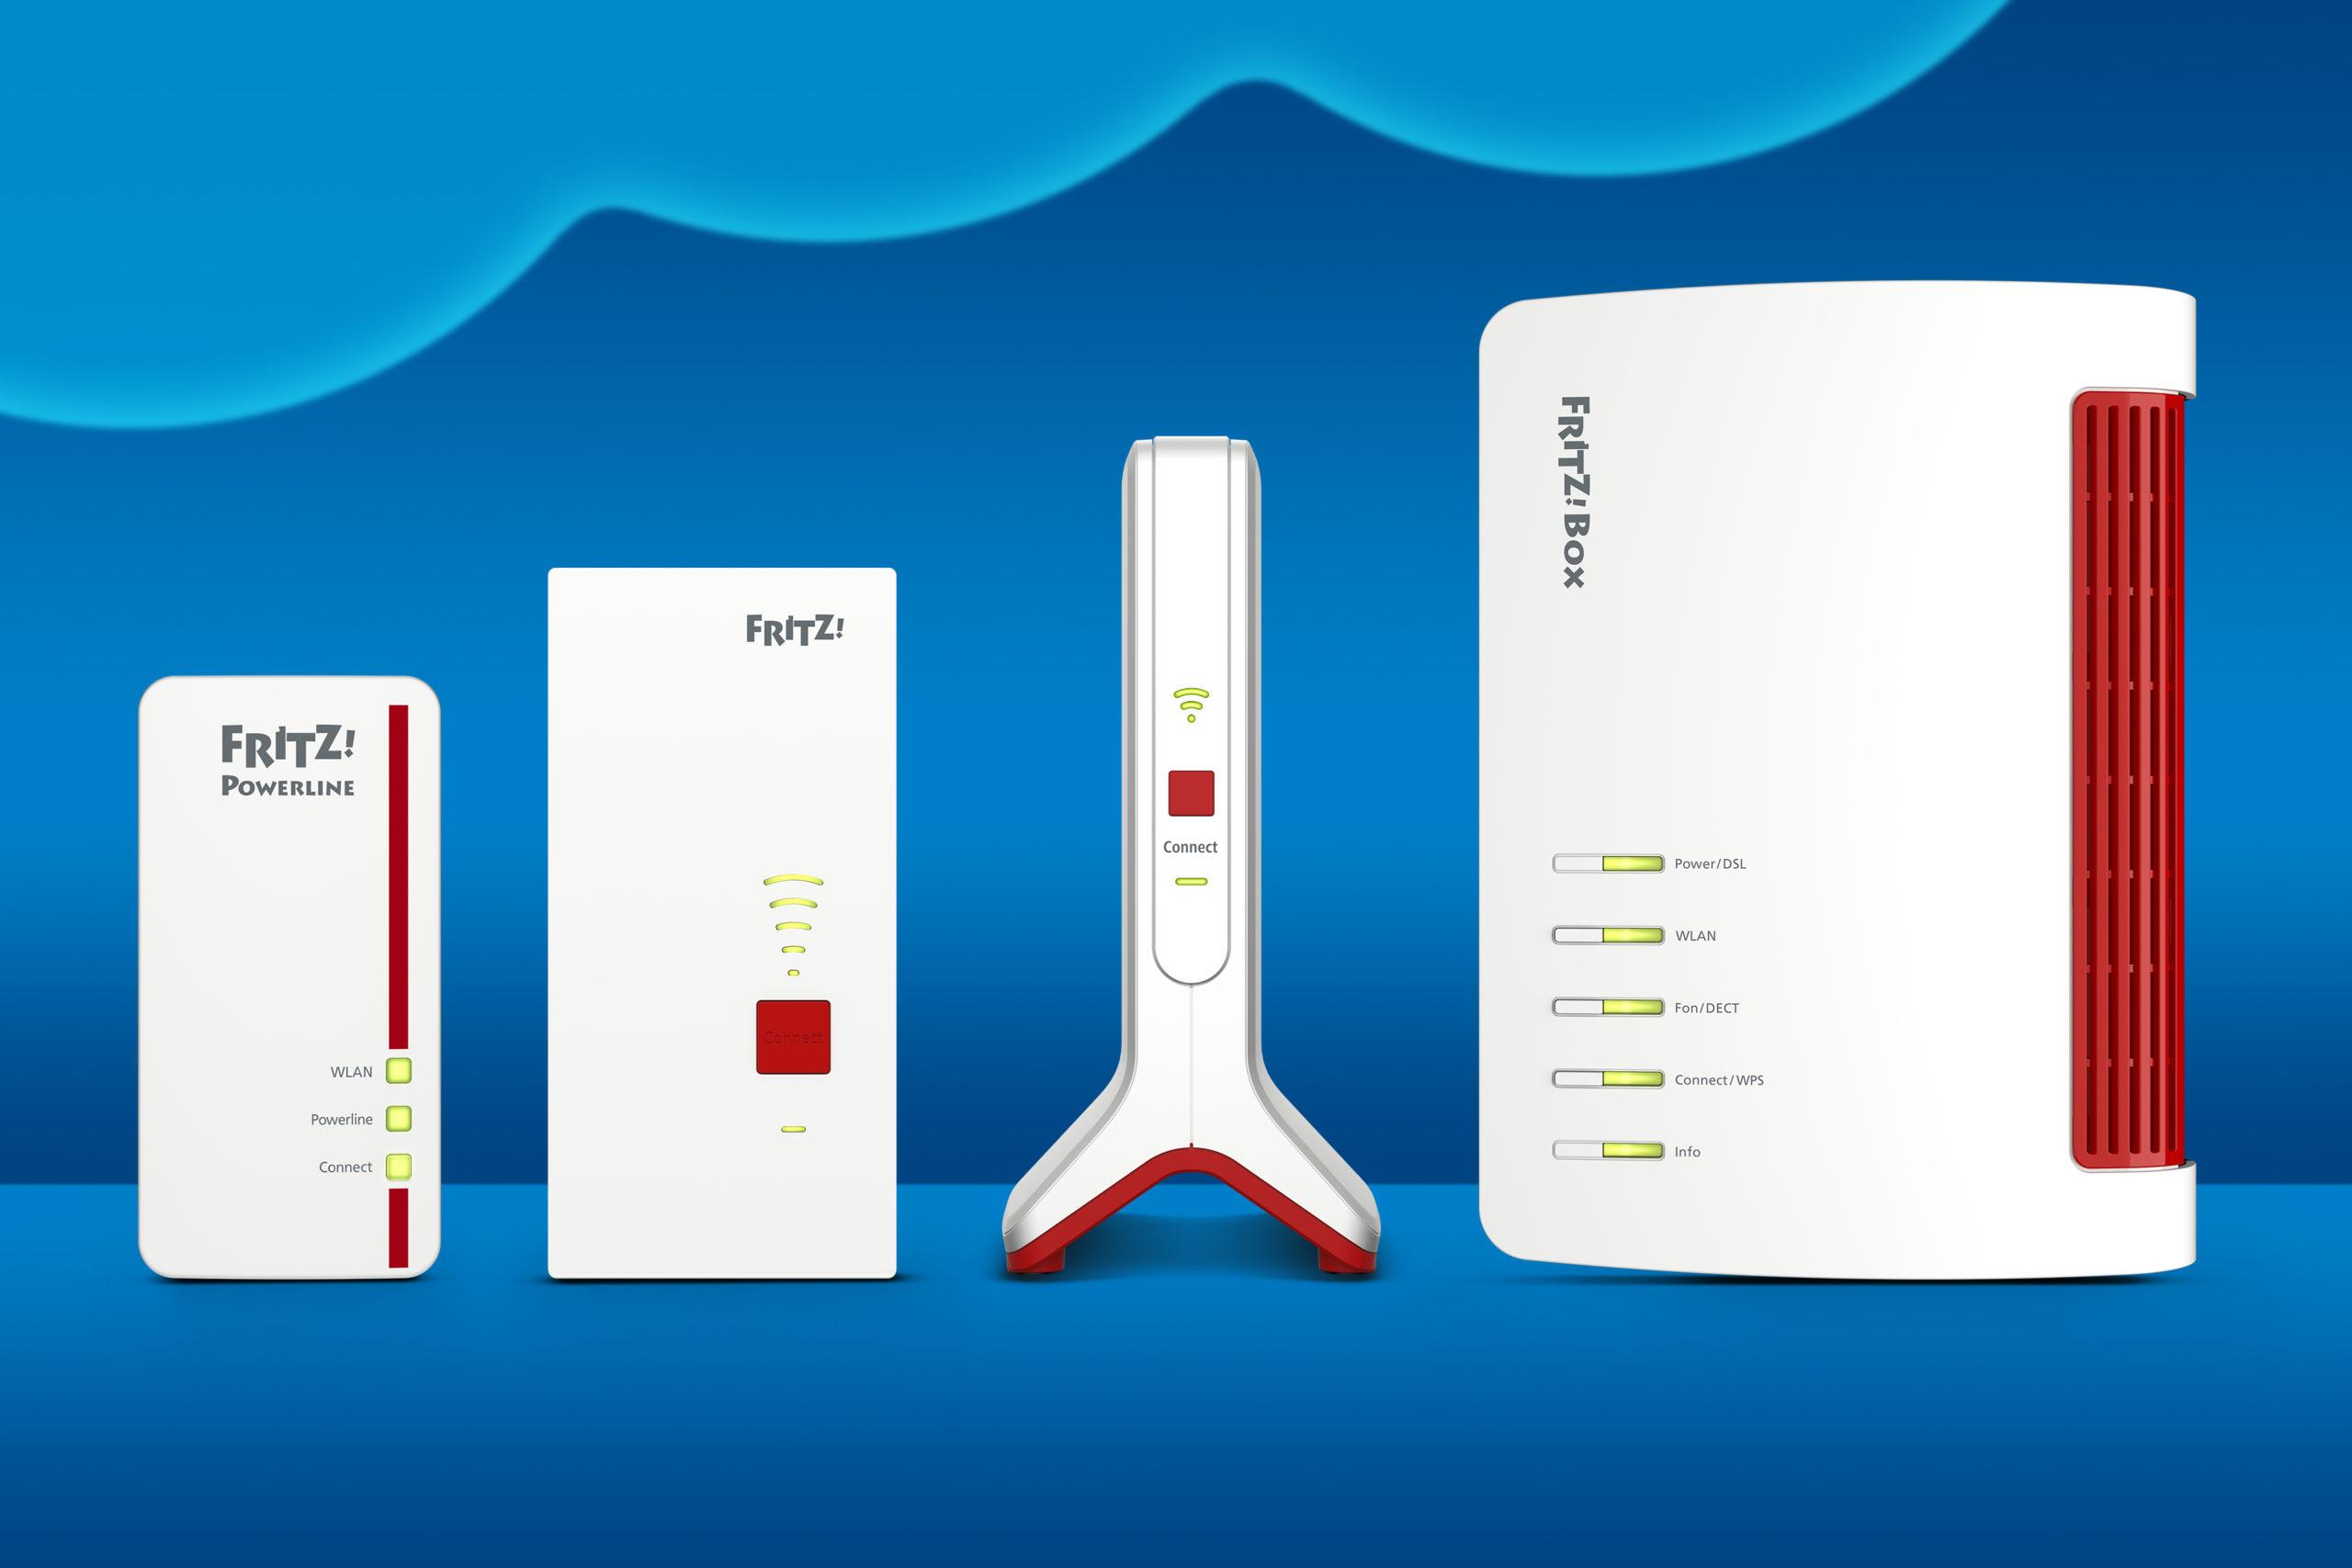 Więcej sieci mesh WiFi: oprogramowanie FRITZ!OS 7.20 dla repeaterów i powerline